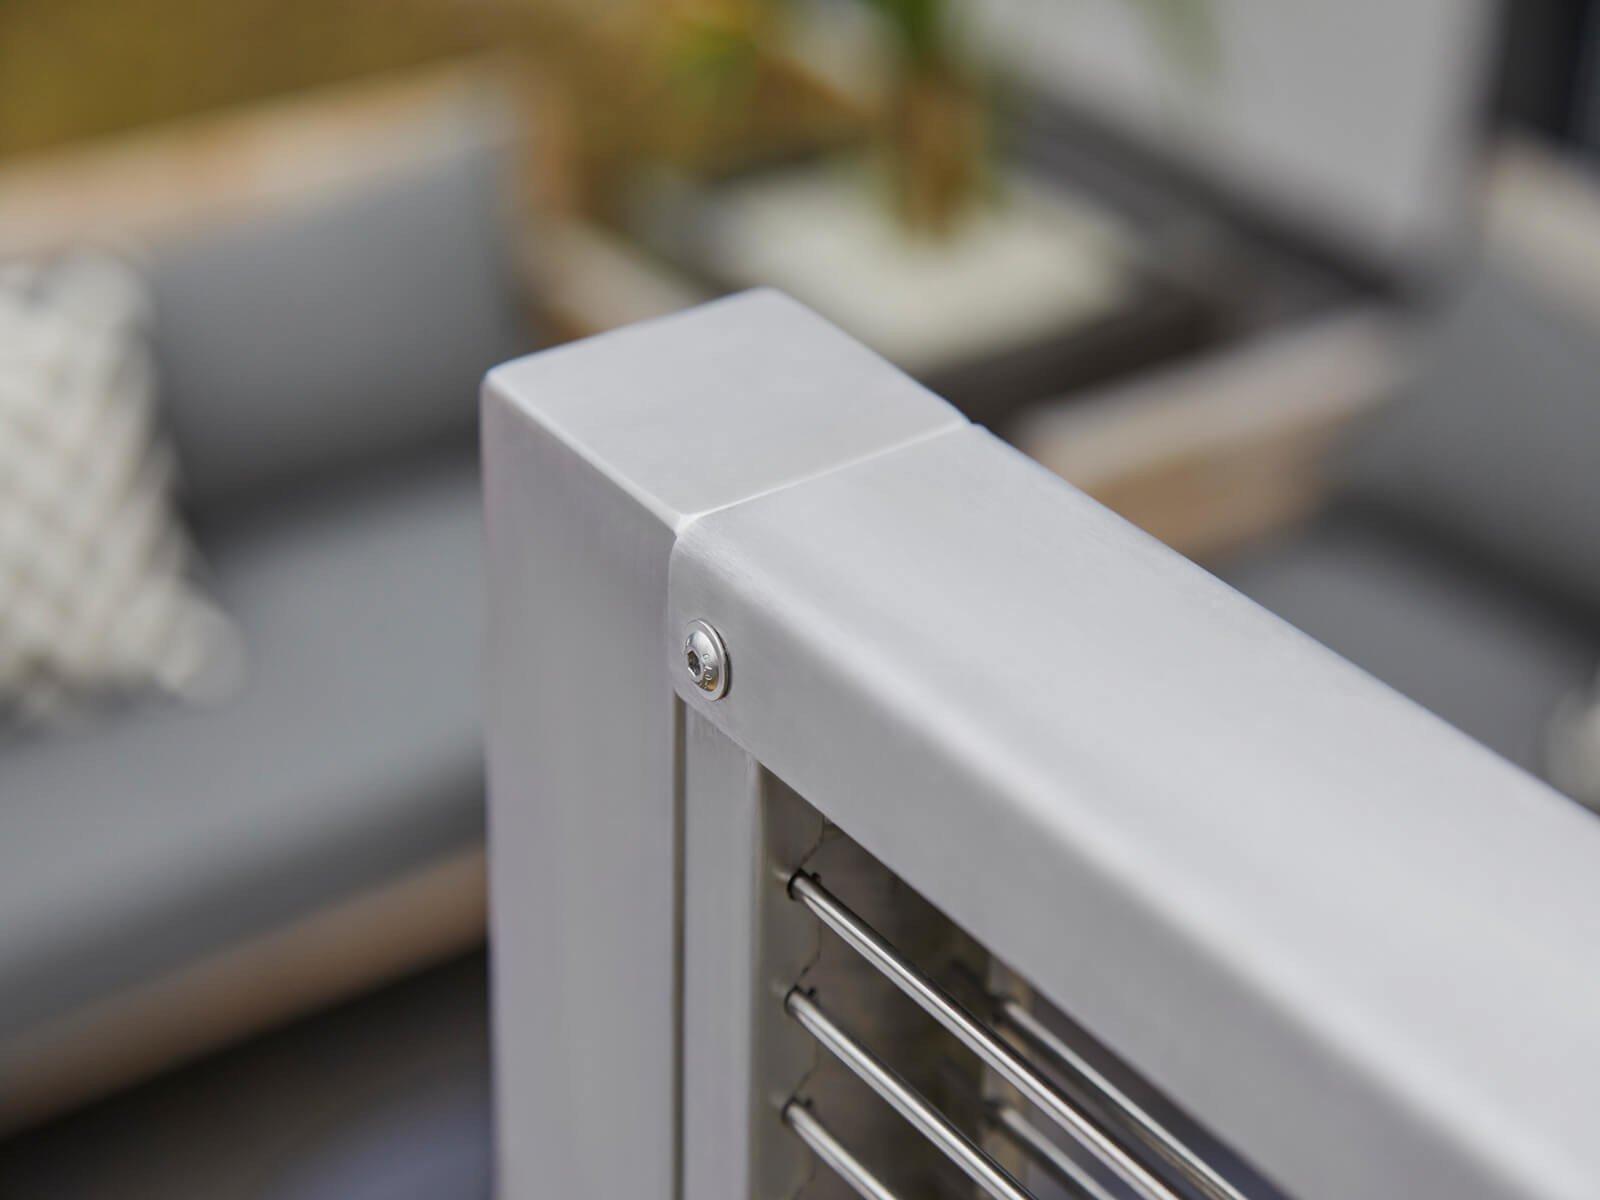 Gabionenzaun aus Steinenals Abgrenzung und Wind Lärm- und Sichtschutz für die Terrasse maßgefertigte Ausführung im schmalen Design